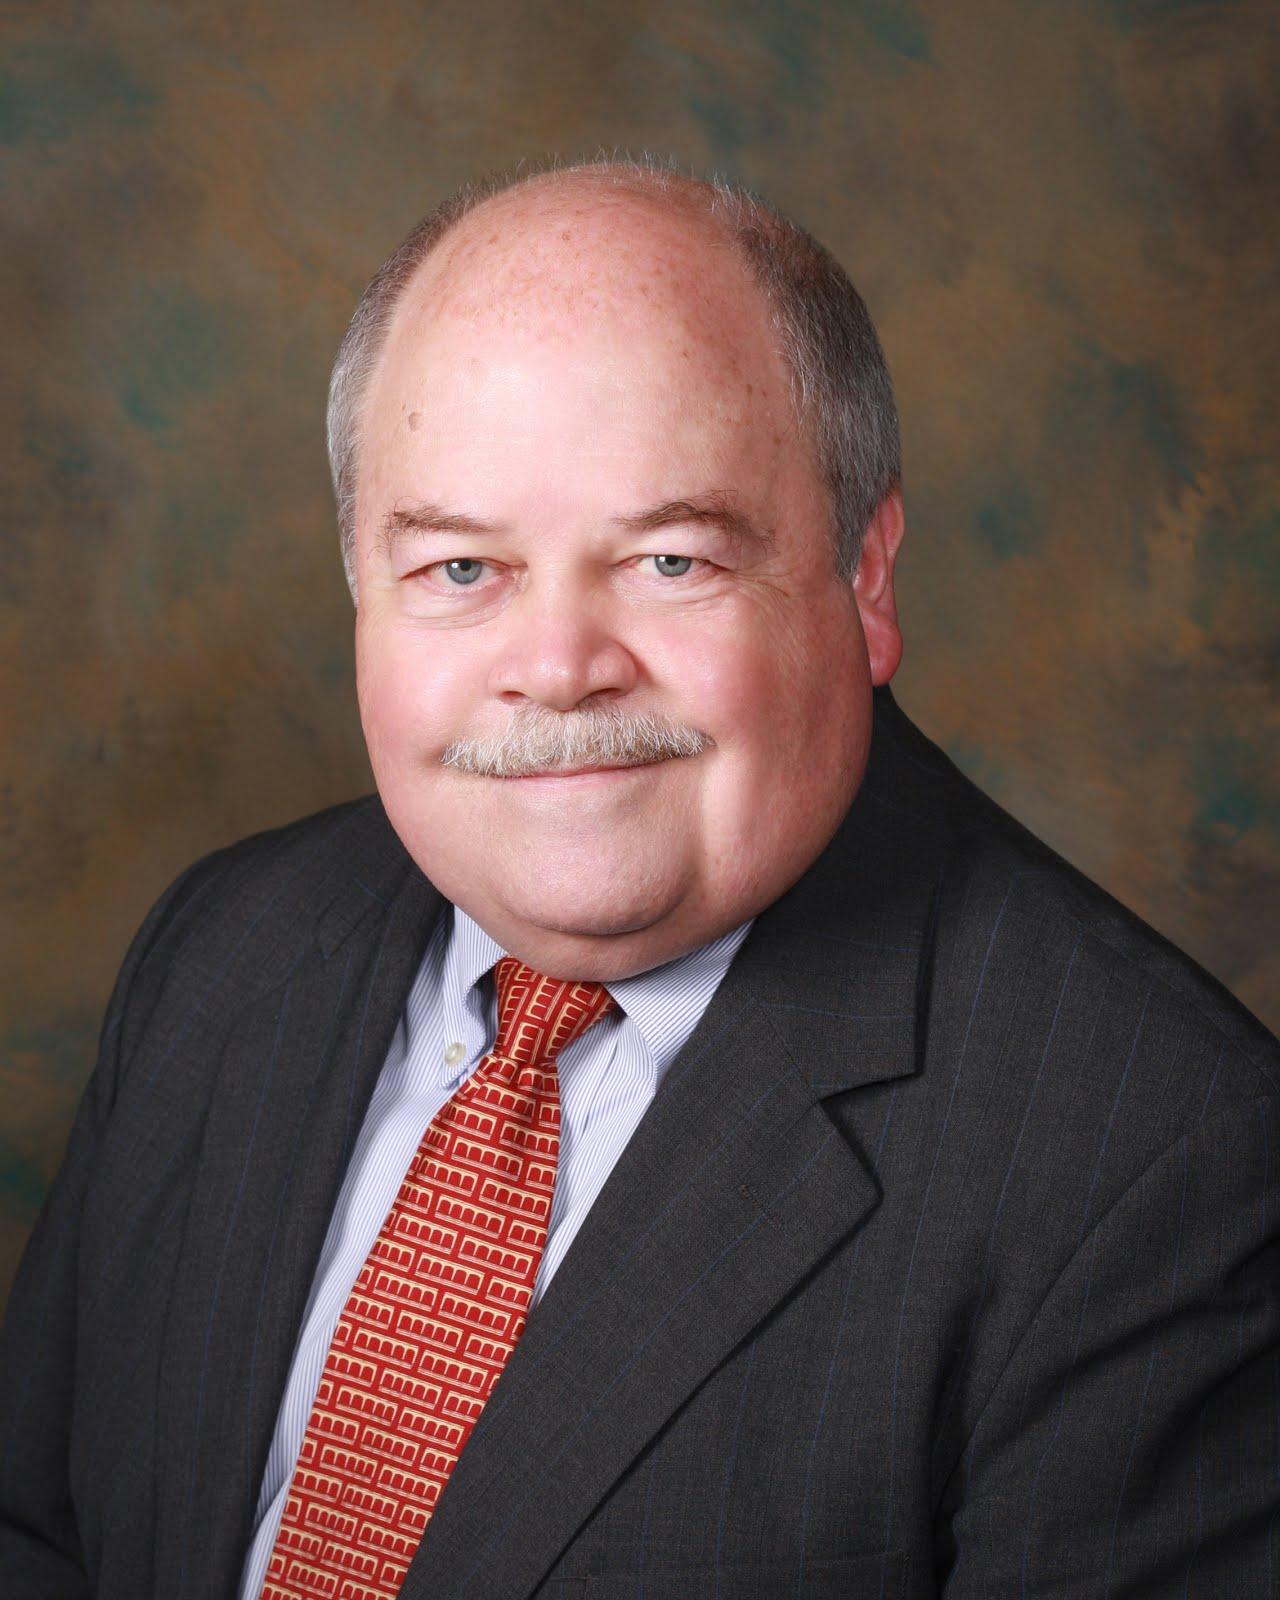 Dick Price